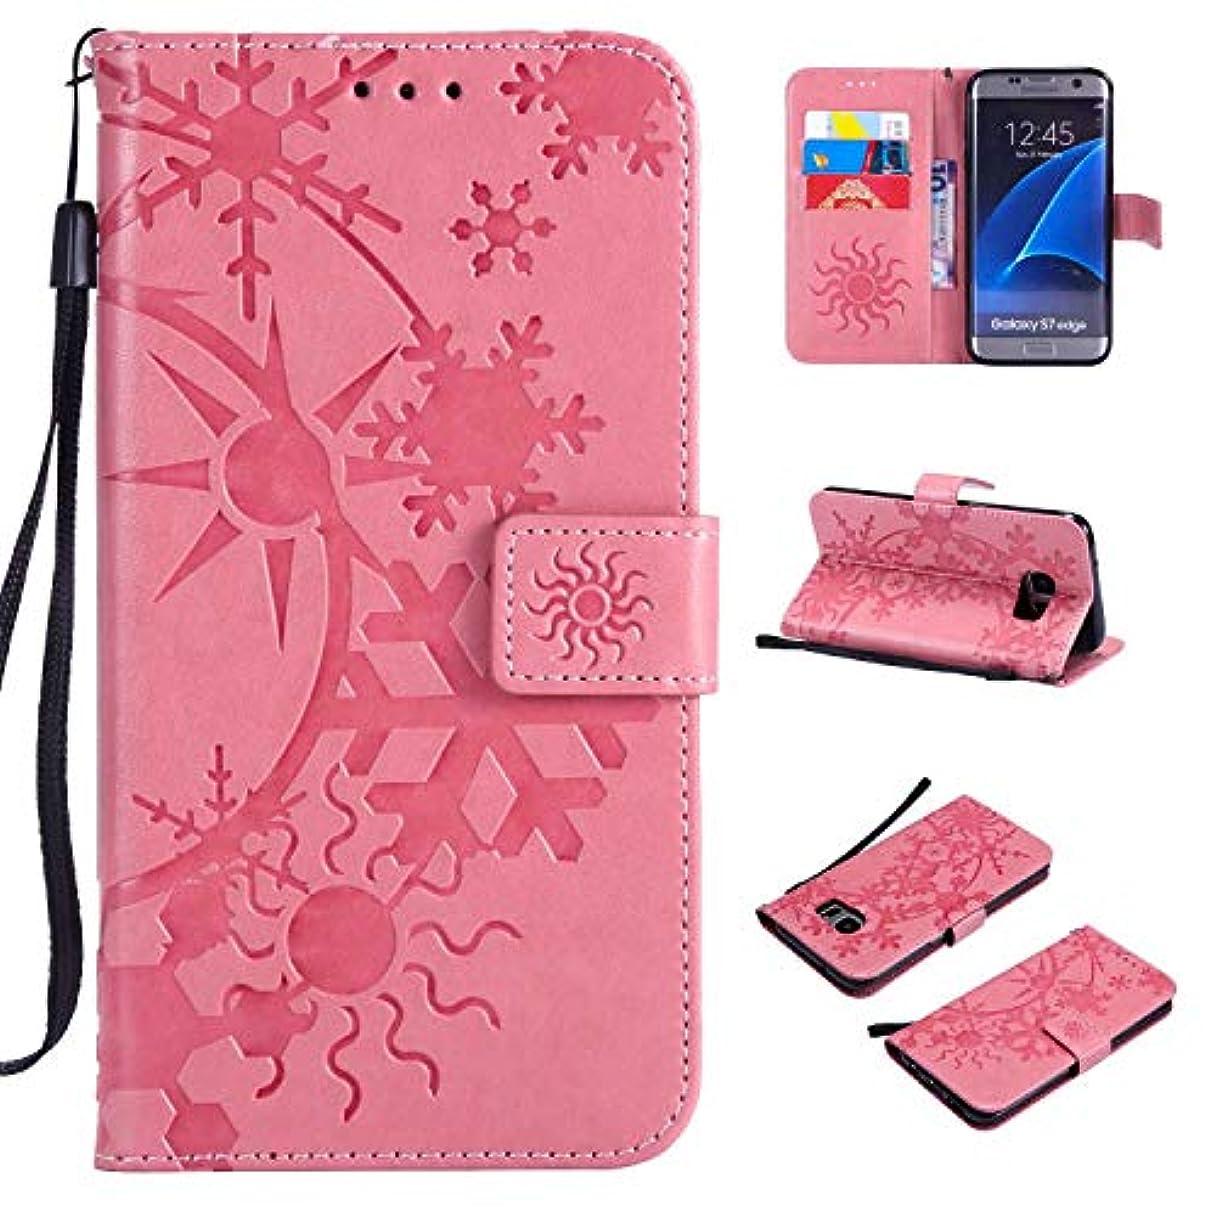 ブーストウサギ小学生Galaxy S7 Edge ケース CUSKING 手帳型 ケース ストラップ付き かわいい 財布 カバー カードポケット付き Samsung ギャラクシー S7 Edge マジックアレイ ケース - ピンク